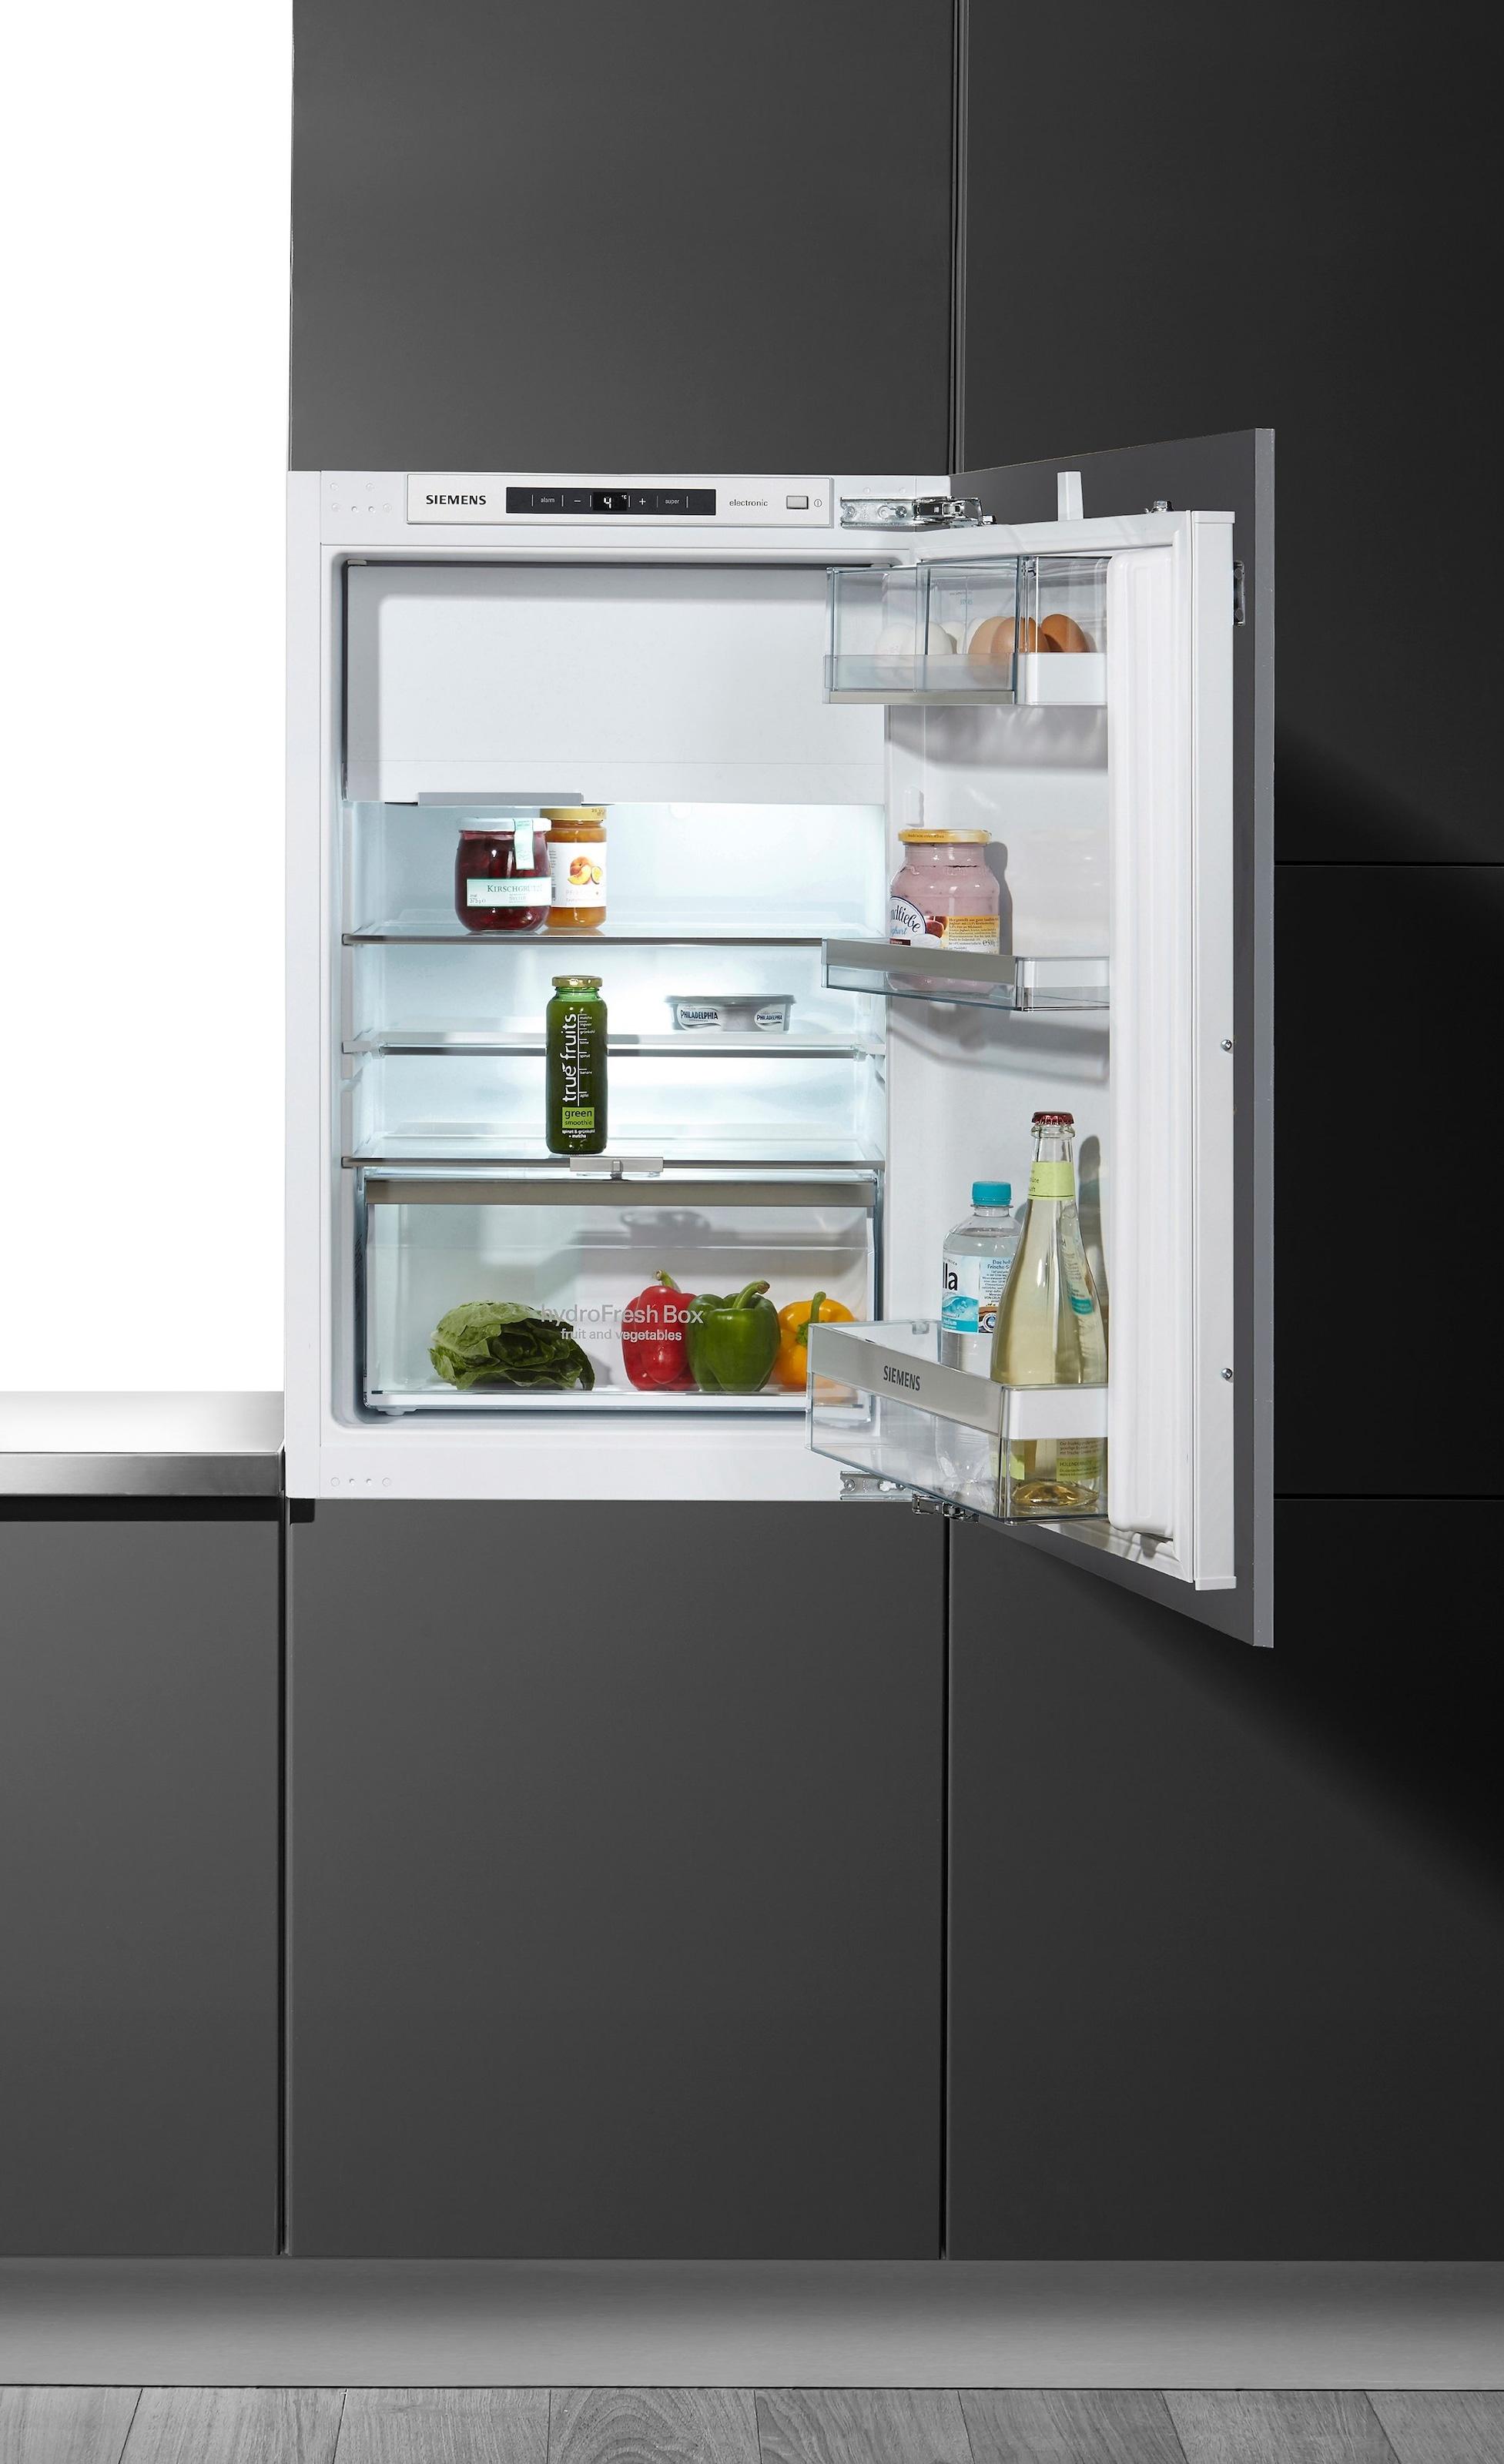 Siemens Kühlschrank Mit Gefrierfach Einbau : Siemens integrierbarer einbau kühlschrank ki lad a cm